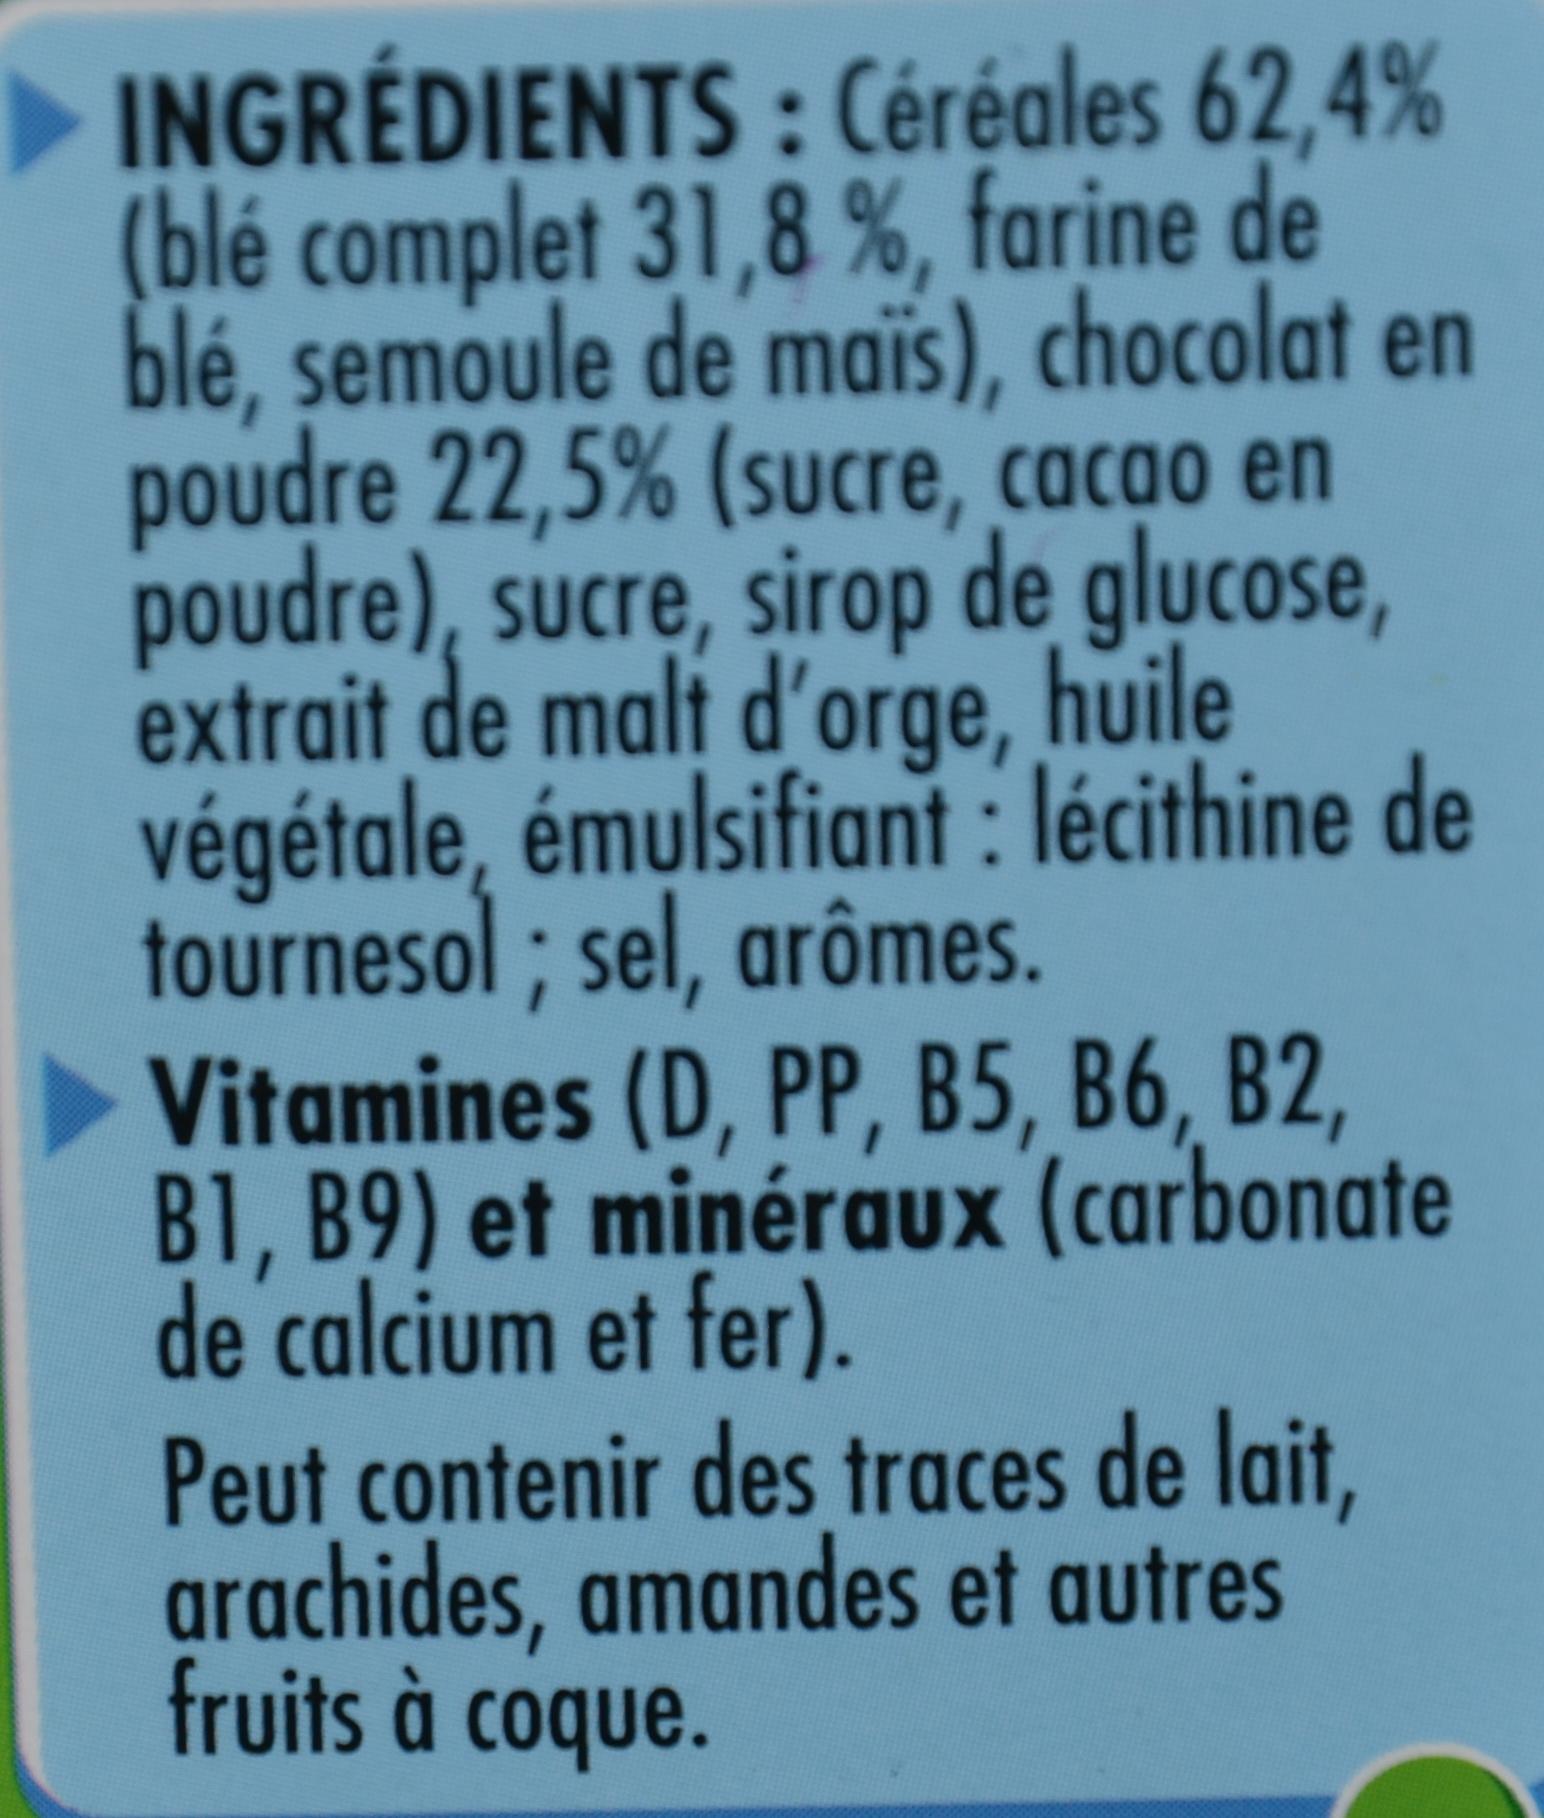 Chocapic (nouvelle recette) - Ingredientes